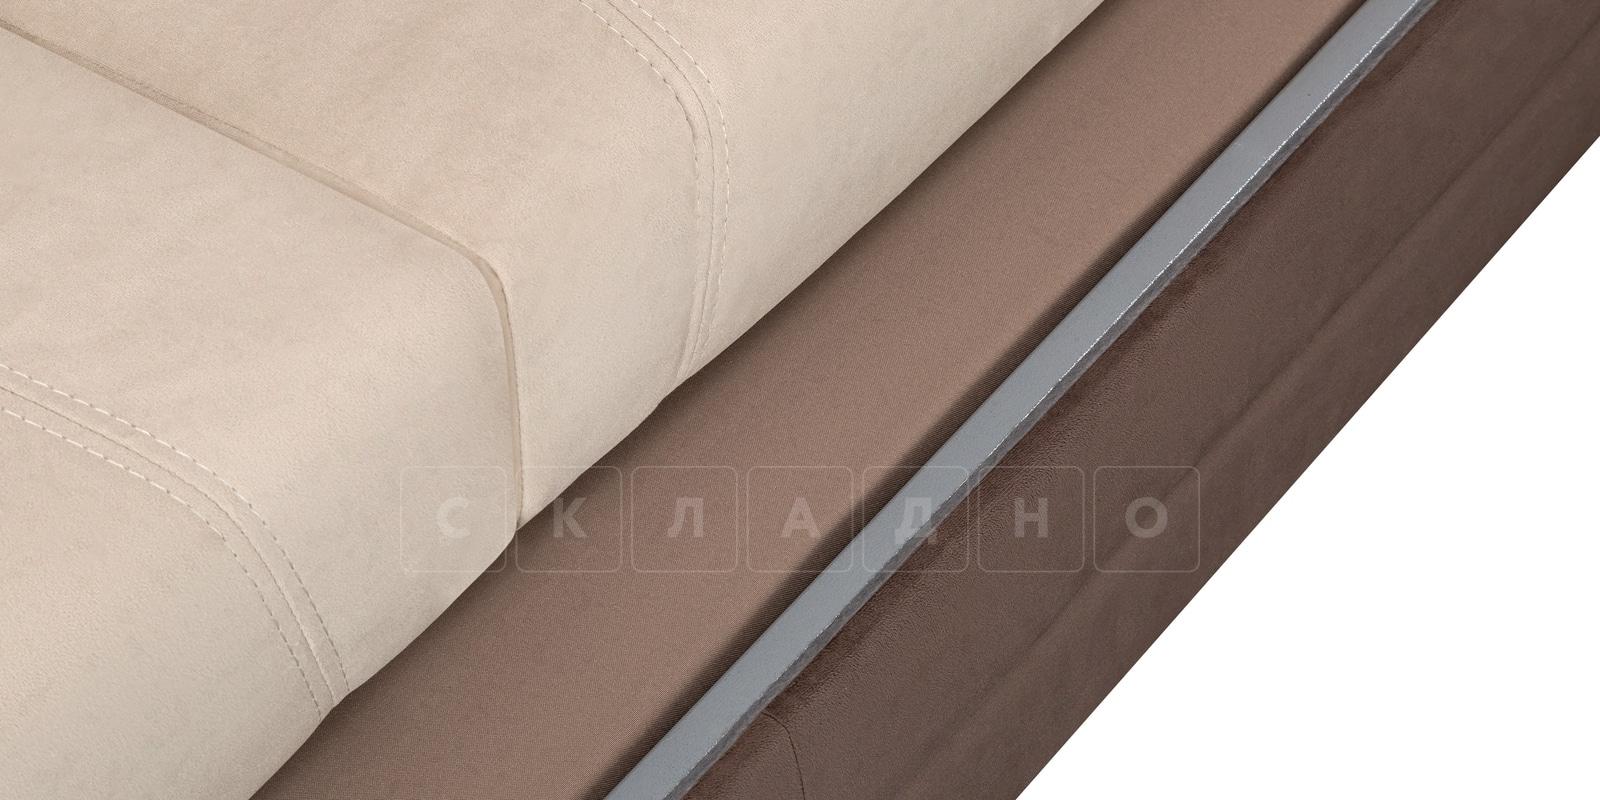 Диван угловой Бристоль велюр бежевый с коричневым правый угол фото 6 | интернет-магазин Складно